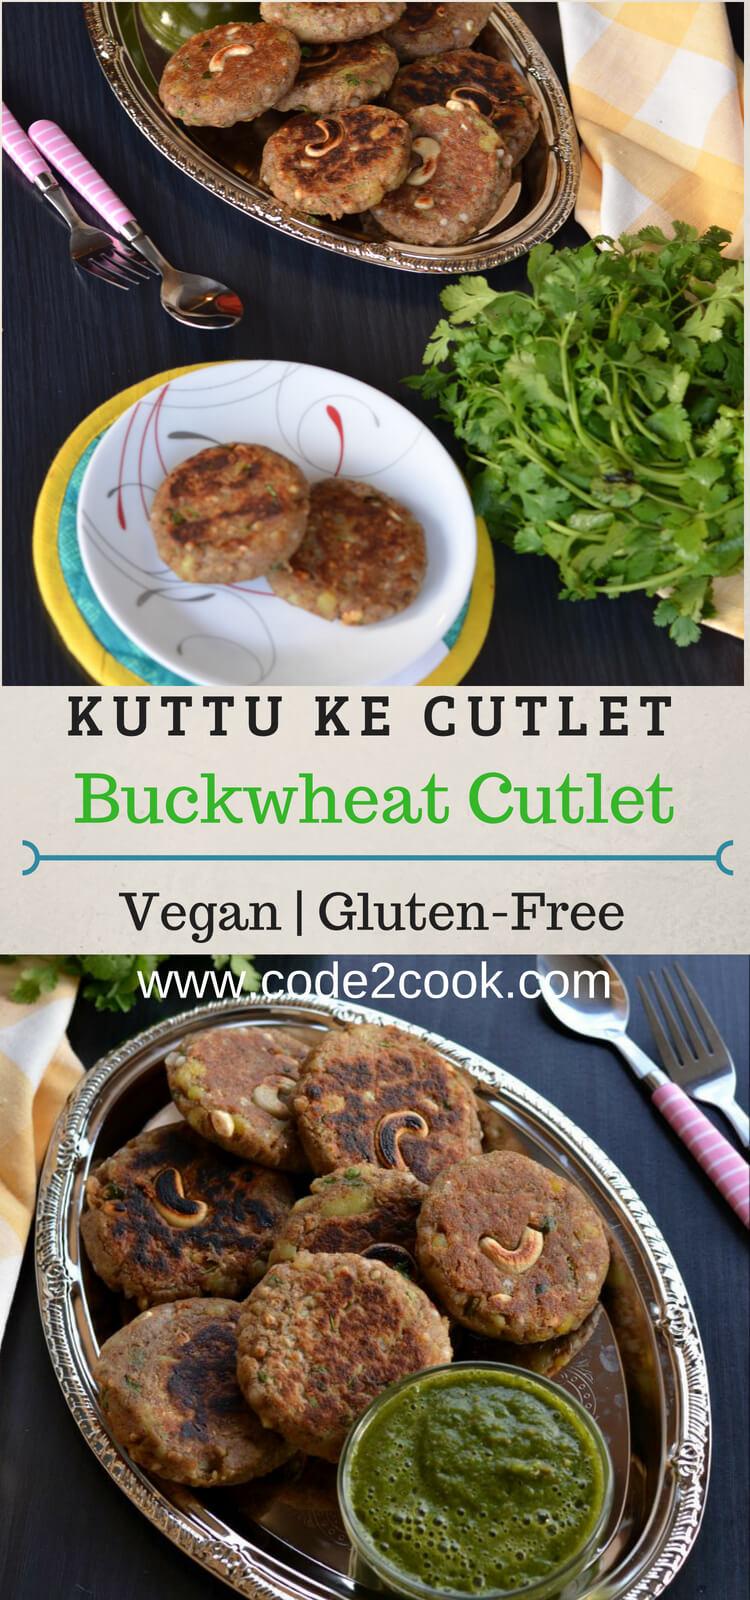 pinterest image of Kuttu ki Tikki or buckwheat cutlet